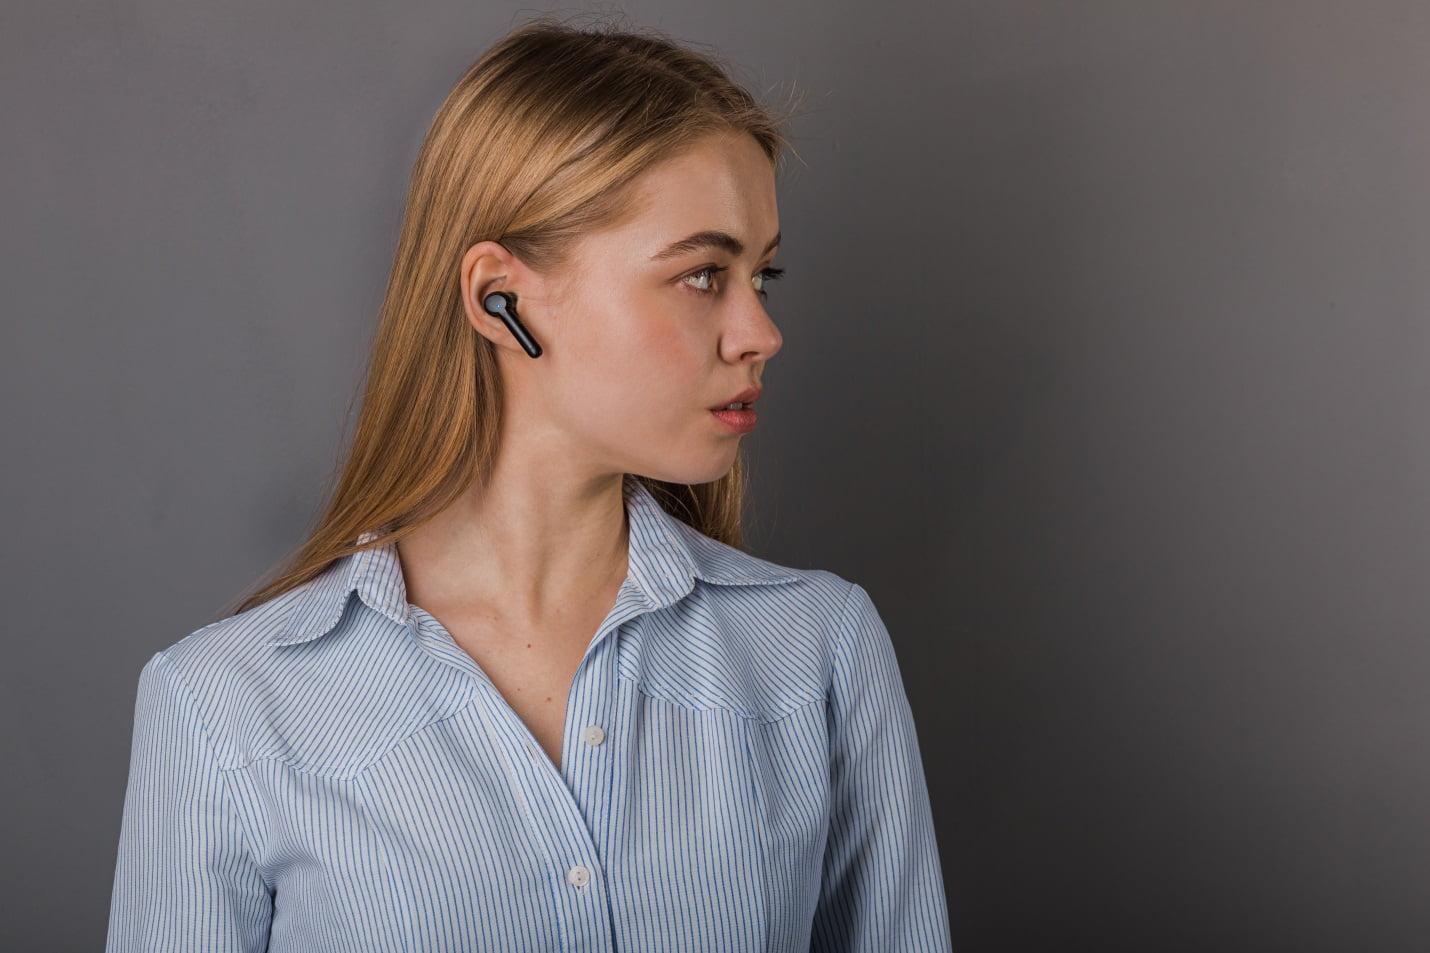 A girl wearing wireless headphones